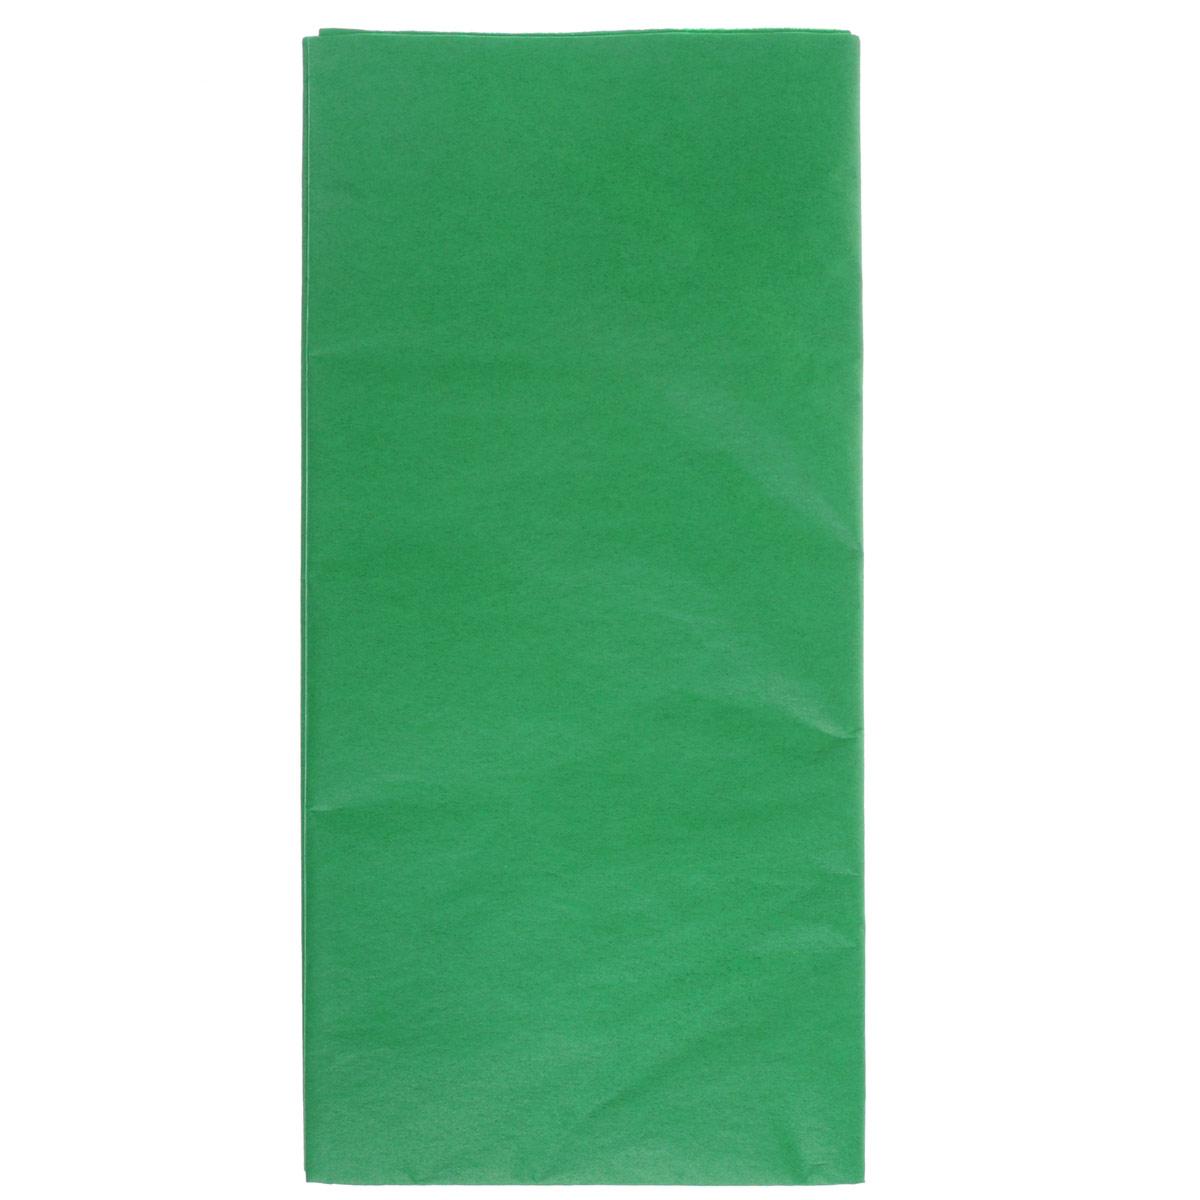 Бумага папиросная Folia, цвет: зеленый (50), 50 х 70 см, 5 листов. 7708123_507708123_50Бумага папиросная Folia - это великолепная тонкая и эластичная декоративная бумага. Такая бумага очень хороша для изготовления своими руками цветов и букетов с конфетами, топиариев, декорирования праздничных мероприятий. Также из нее получается шикарная упаковка для подарков. Интересный эффект дает сочетание мягкой полупрозрачной фактуры папиросной бумаги с жатыми и матовыми фактурами: креп-бумагой, тутовой и различными видами картона. Бумага очень тонкая, полупрозрачная - поэтому ее можно оригинально использовать в декоре стекла, светильников и гирлянд. Достаточно большие размеры листа и богатая цветовая палитра дают простор вашей творческой фантазии. Размер листа: 50 см х 70 см.Плотность: 20 г/м2.